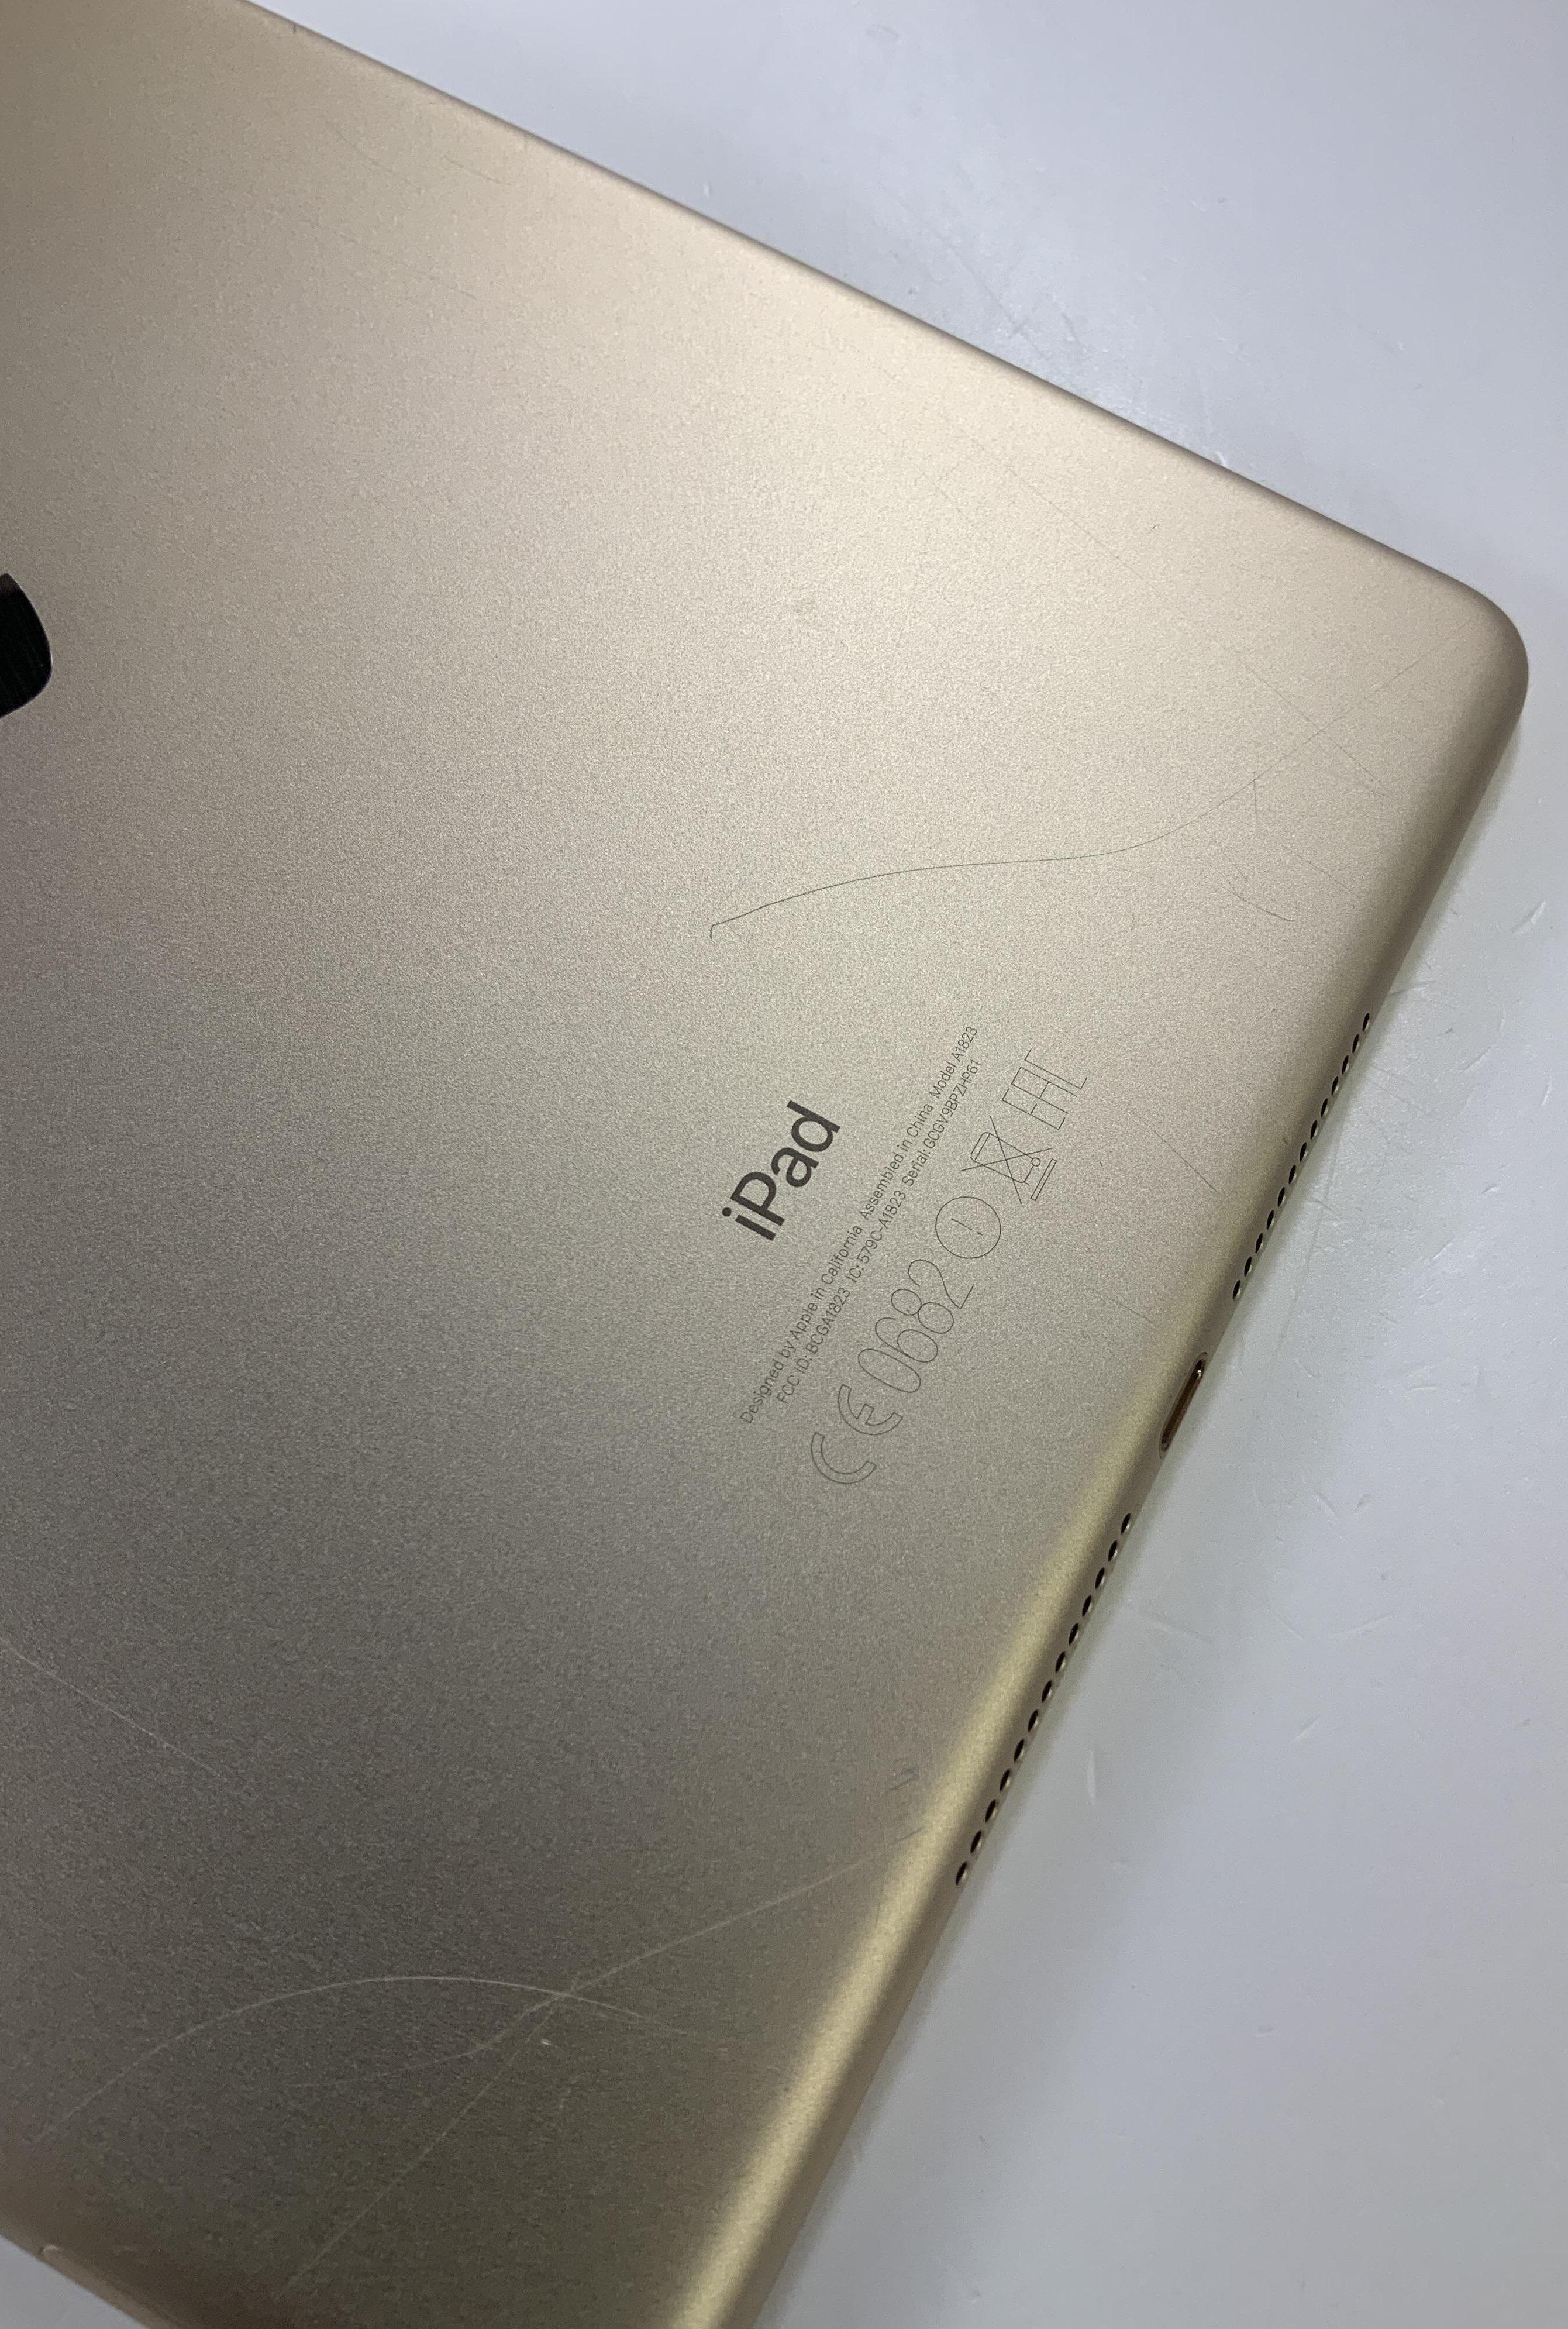 iPad 5 Wi-Fi + Cellular 32GB, 32GB, Gold, immagine 3